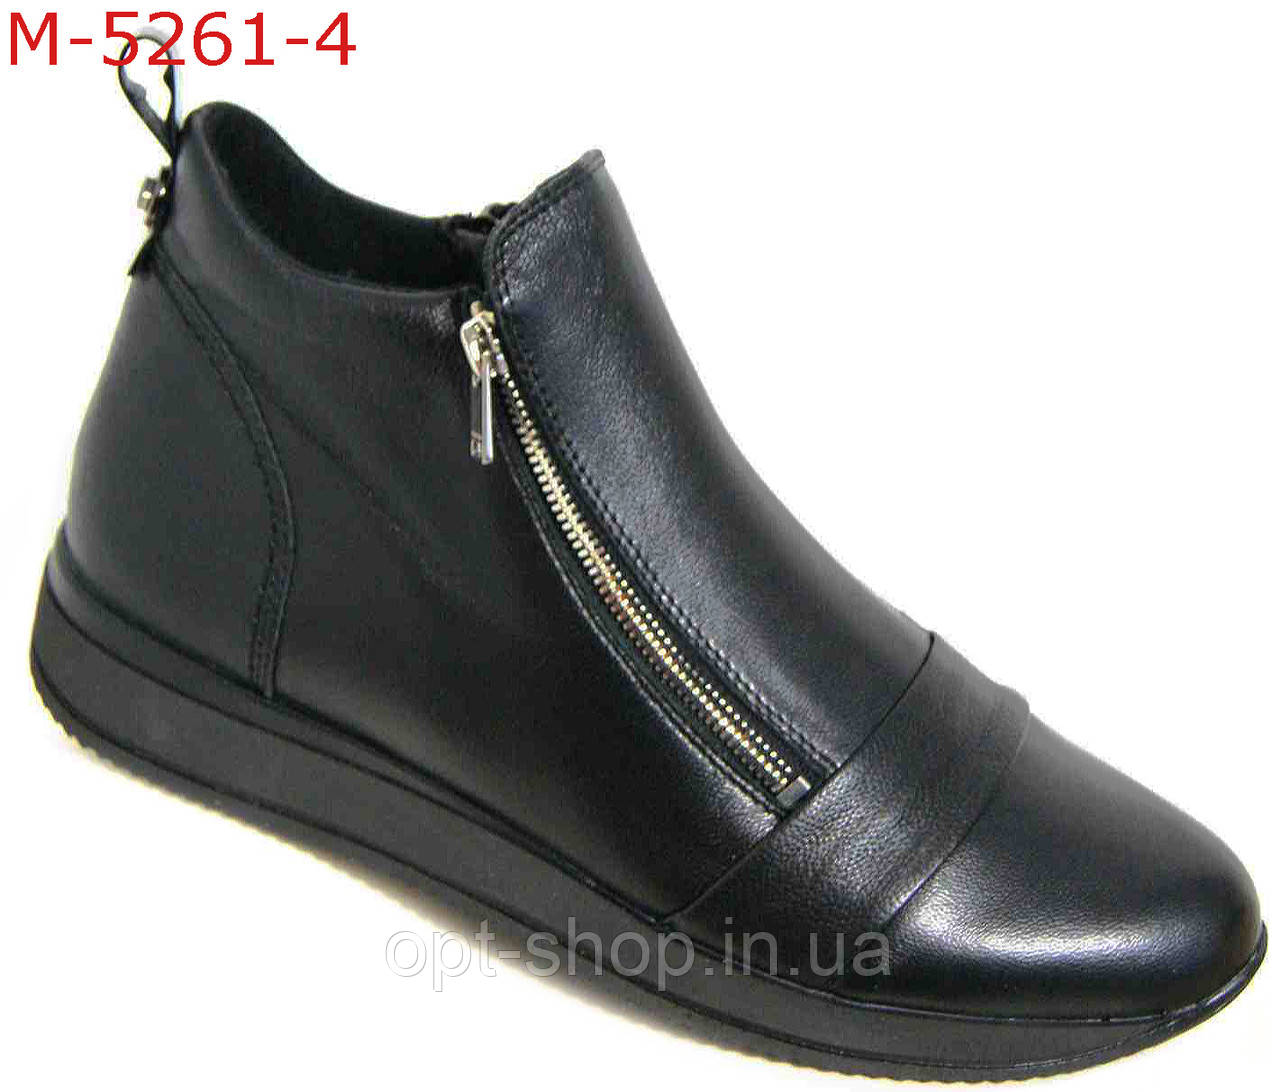 Женские демисезонные ботинки большого размера